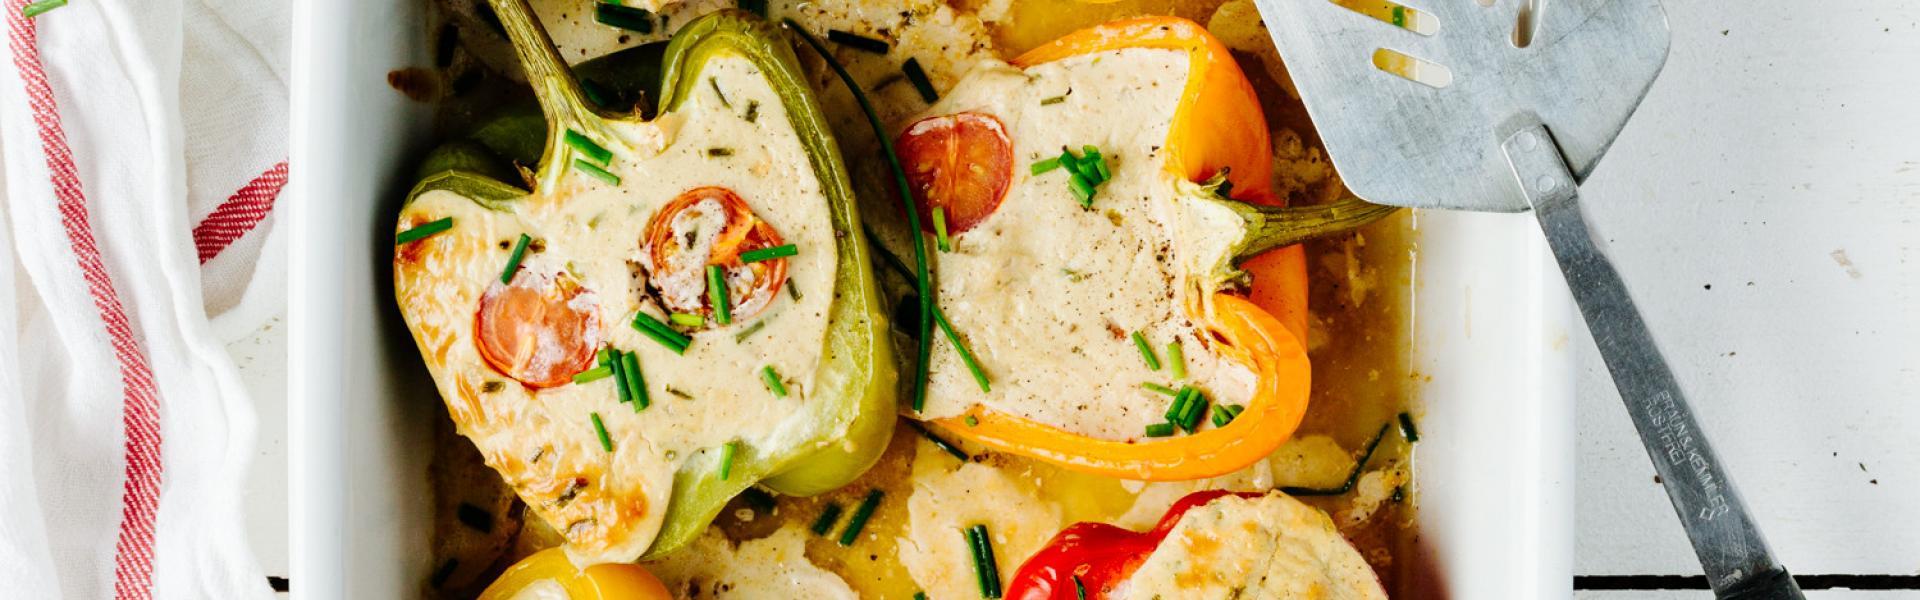 Mehrere gefüllte Paprika mit Ziegenfrischkäse in einer Auflaufform.